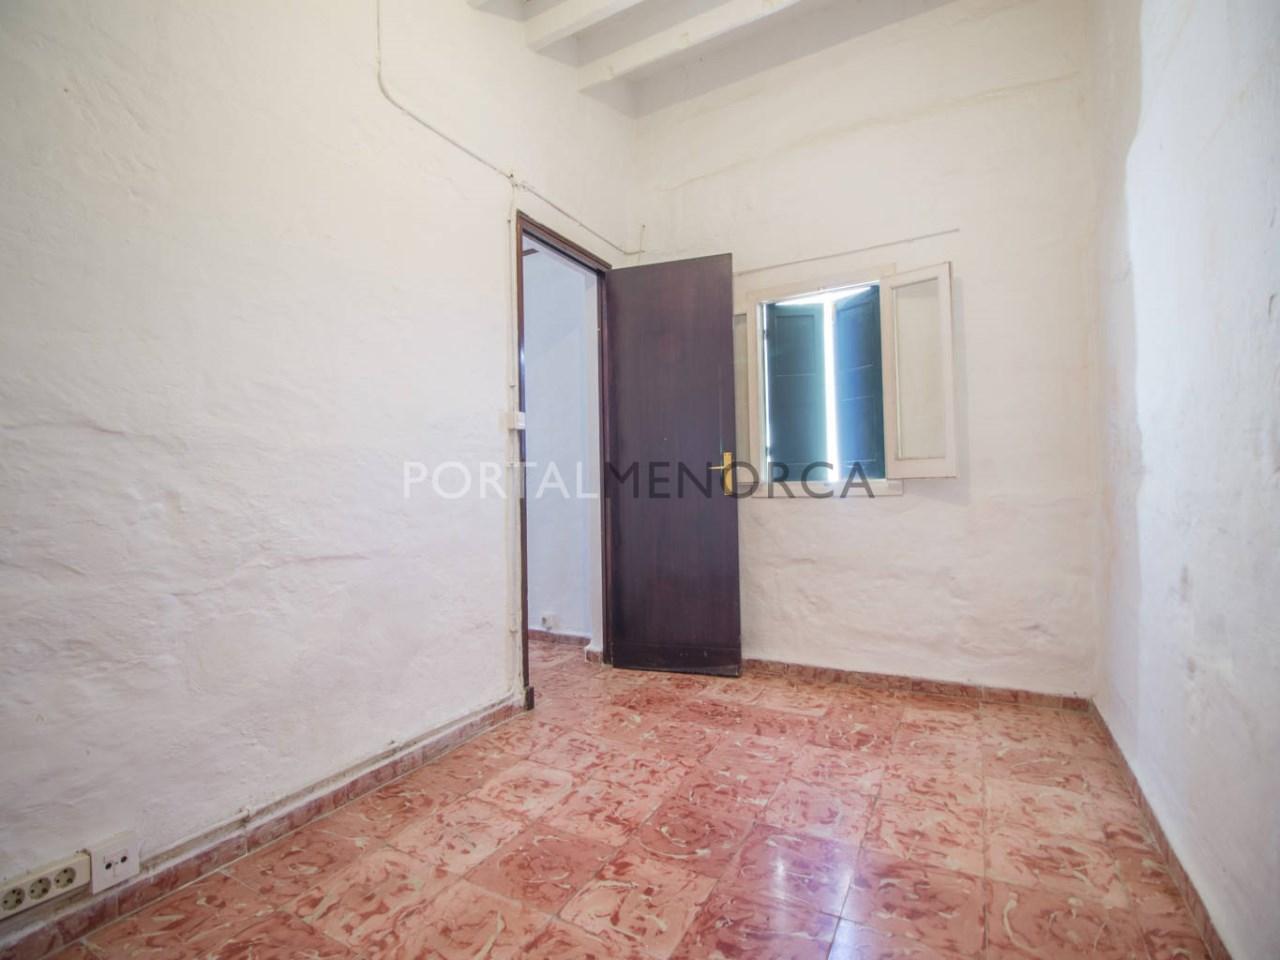 Re_ 7 habitaciones y dormitorios plnata piso (1)